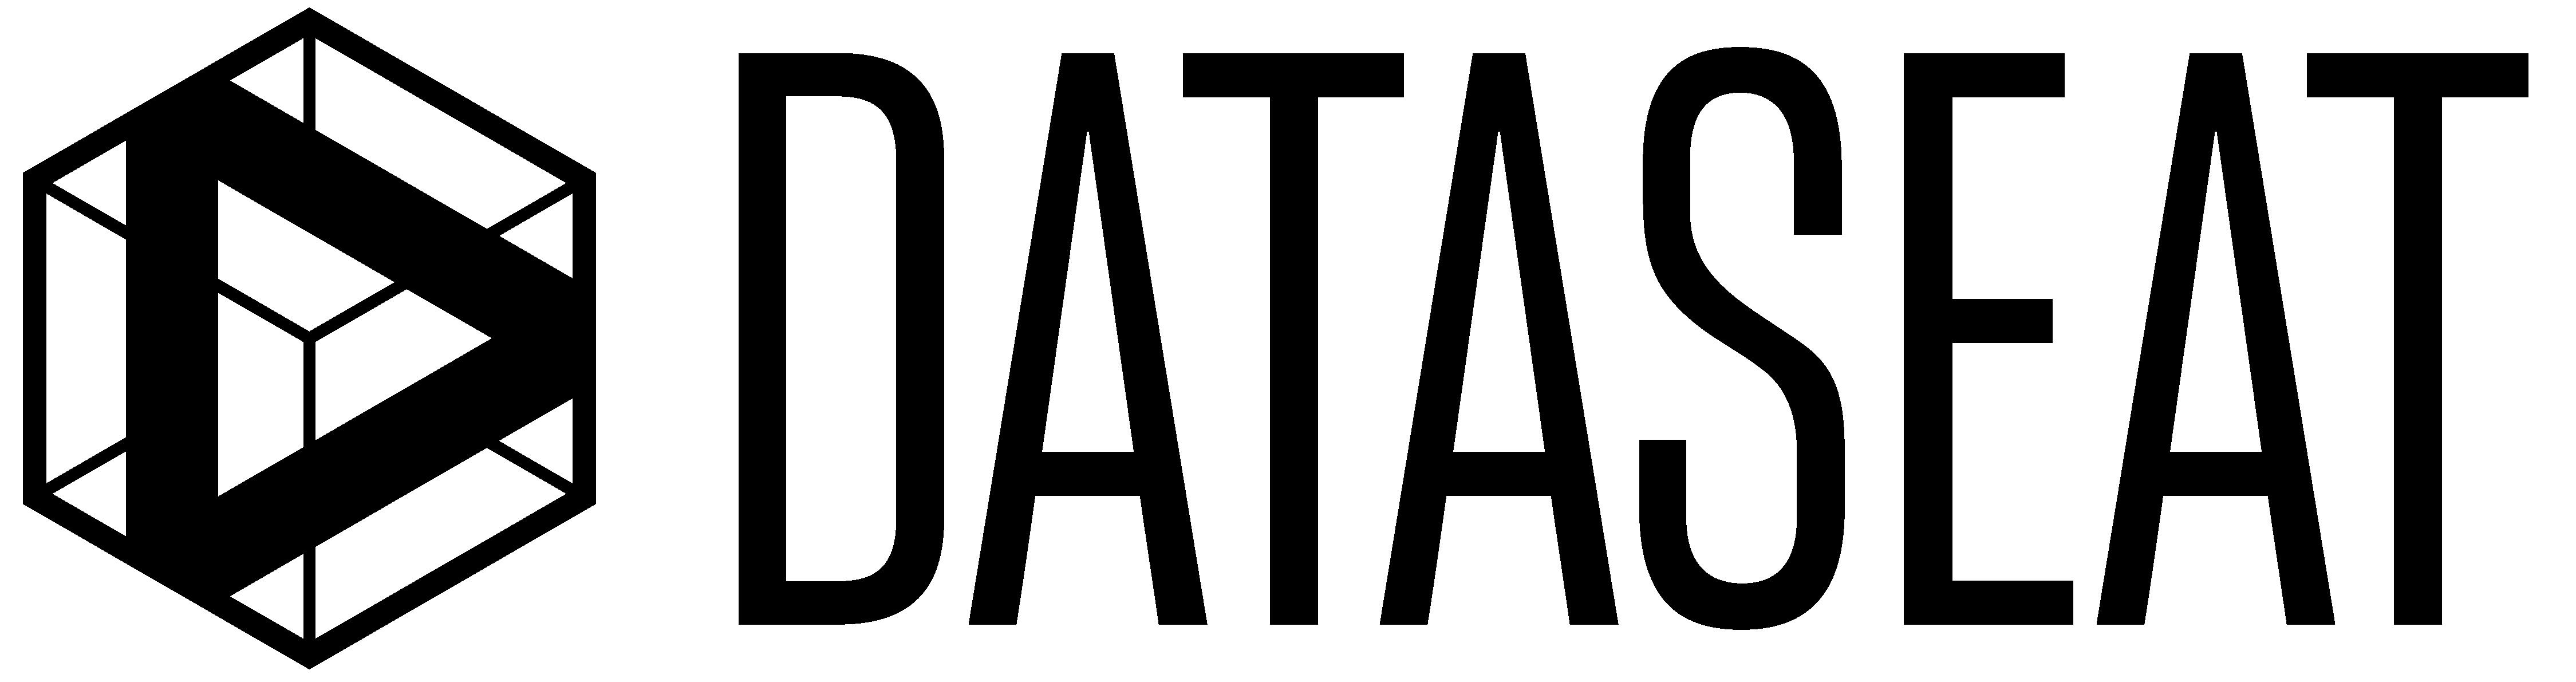 Xenoss website Dataseat logo